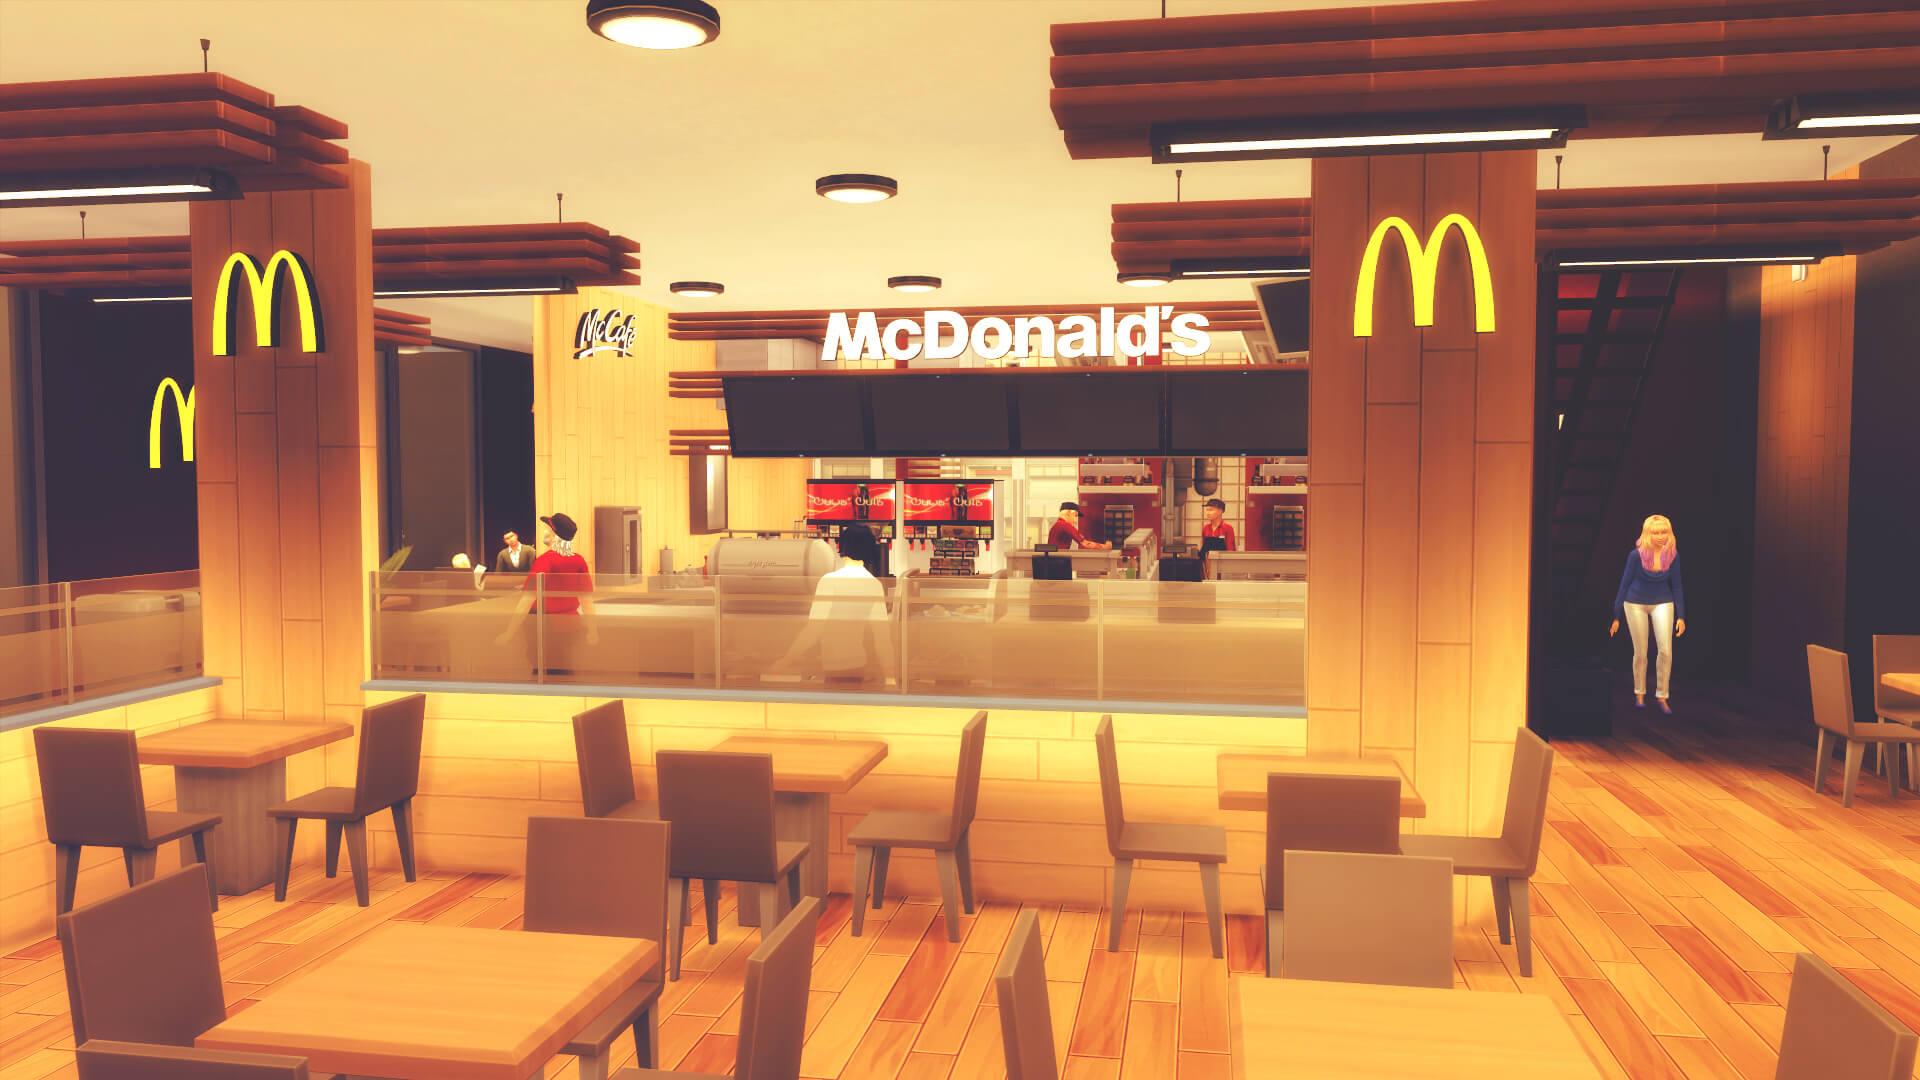 Resultado de imagen para mcdonald's restaurant